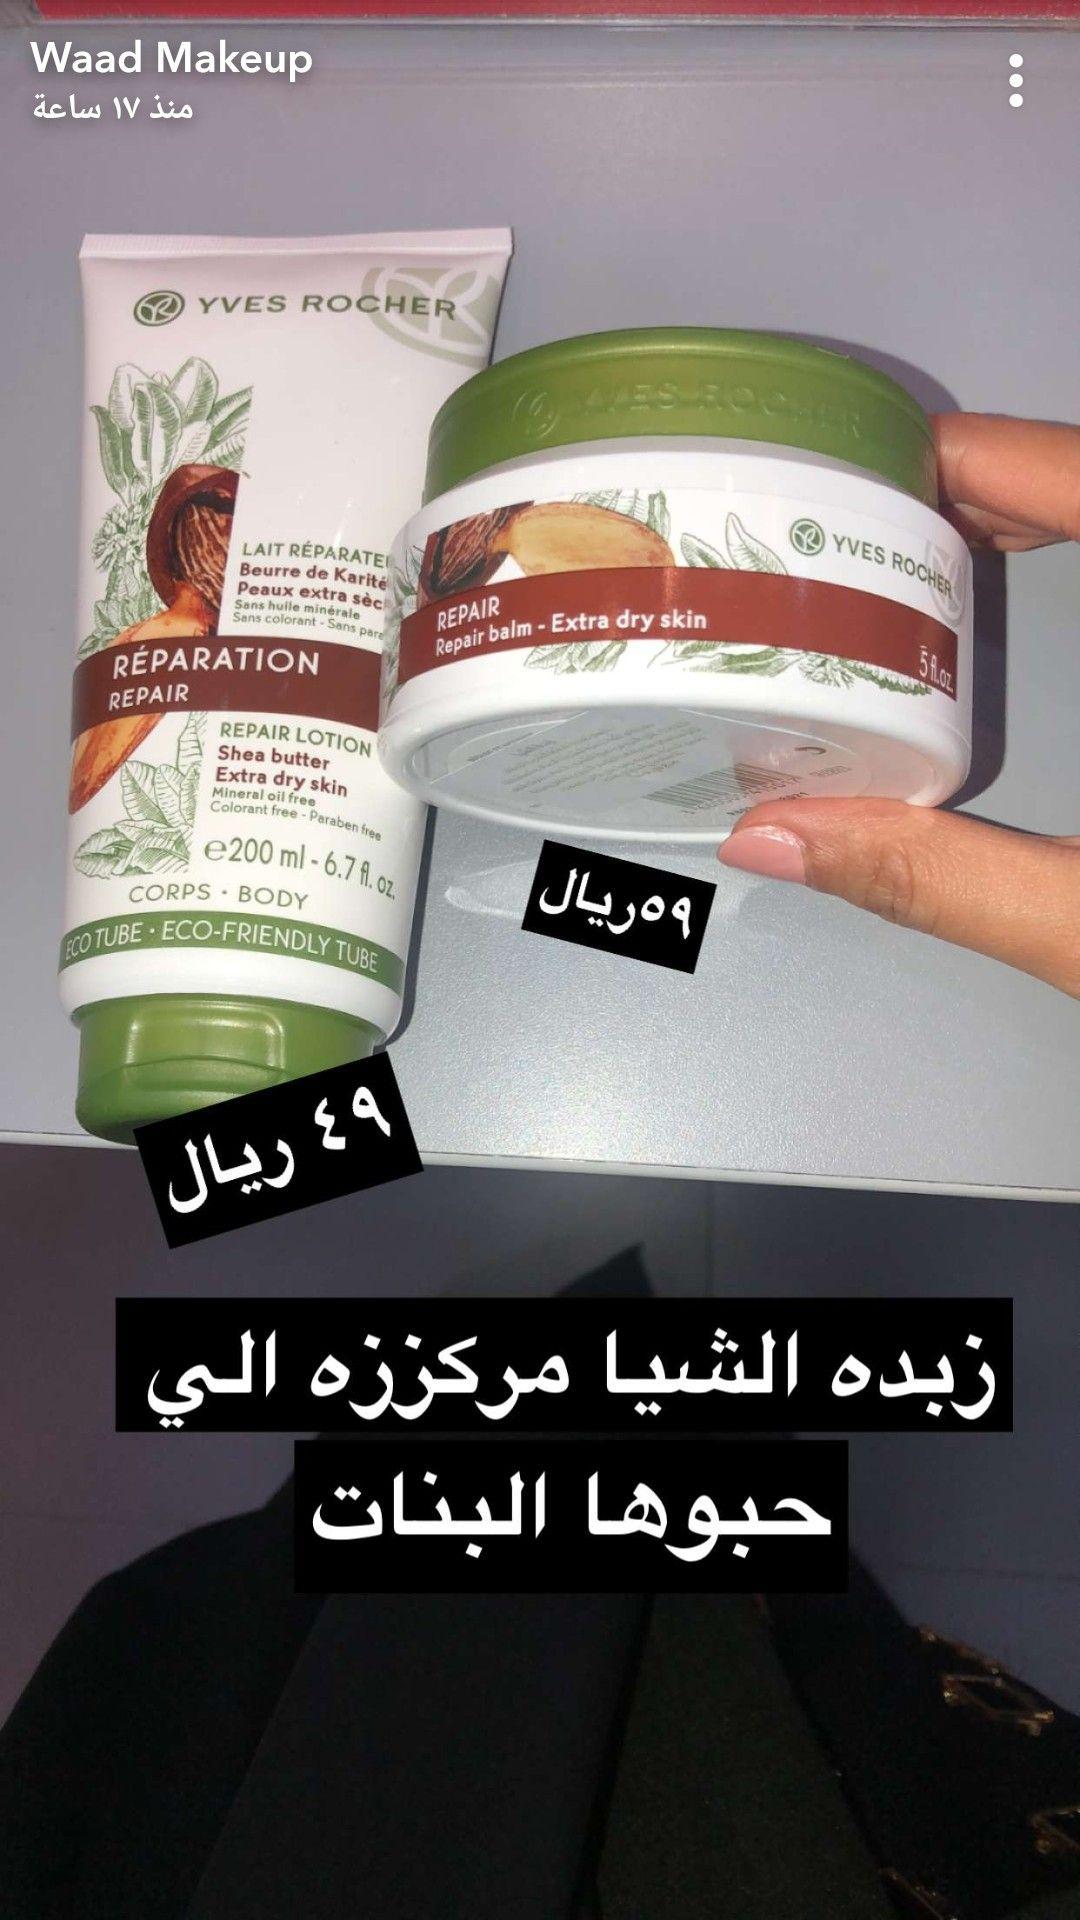 Pin by وهم on منتجات العنايه بالبشره والشعر Skin care